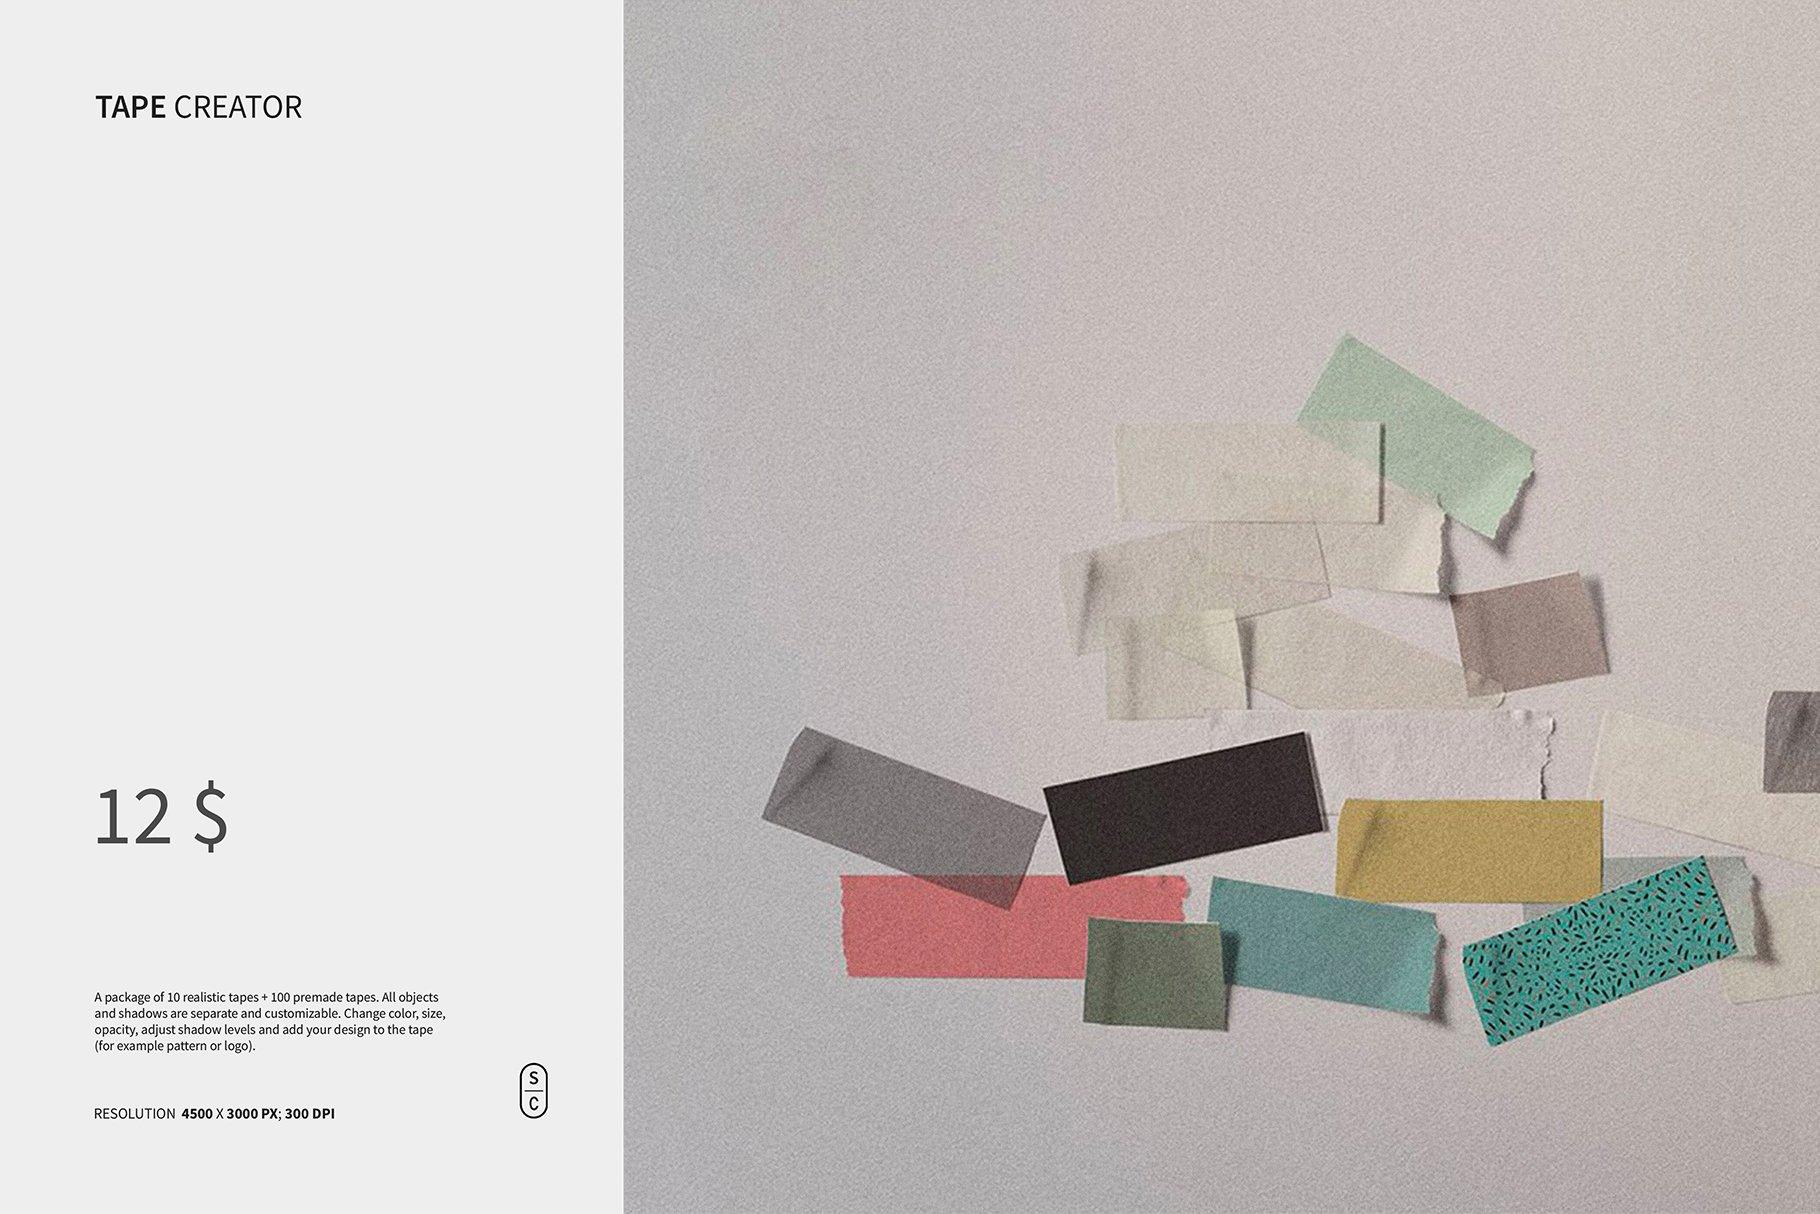 55款高清不干胶胶带贴纸PNG透明免抠图片素材 Tape Creator插图